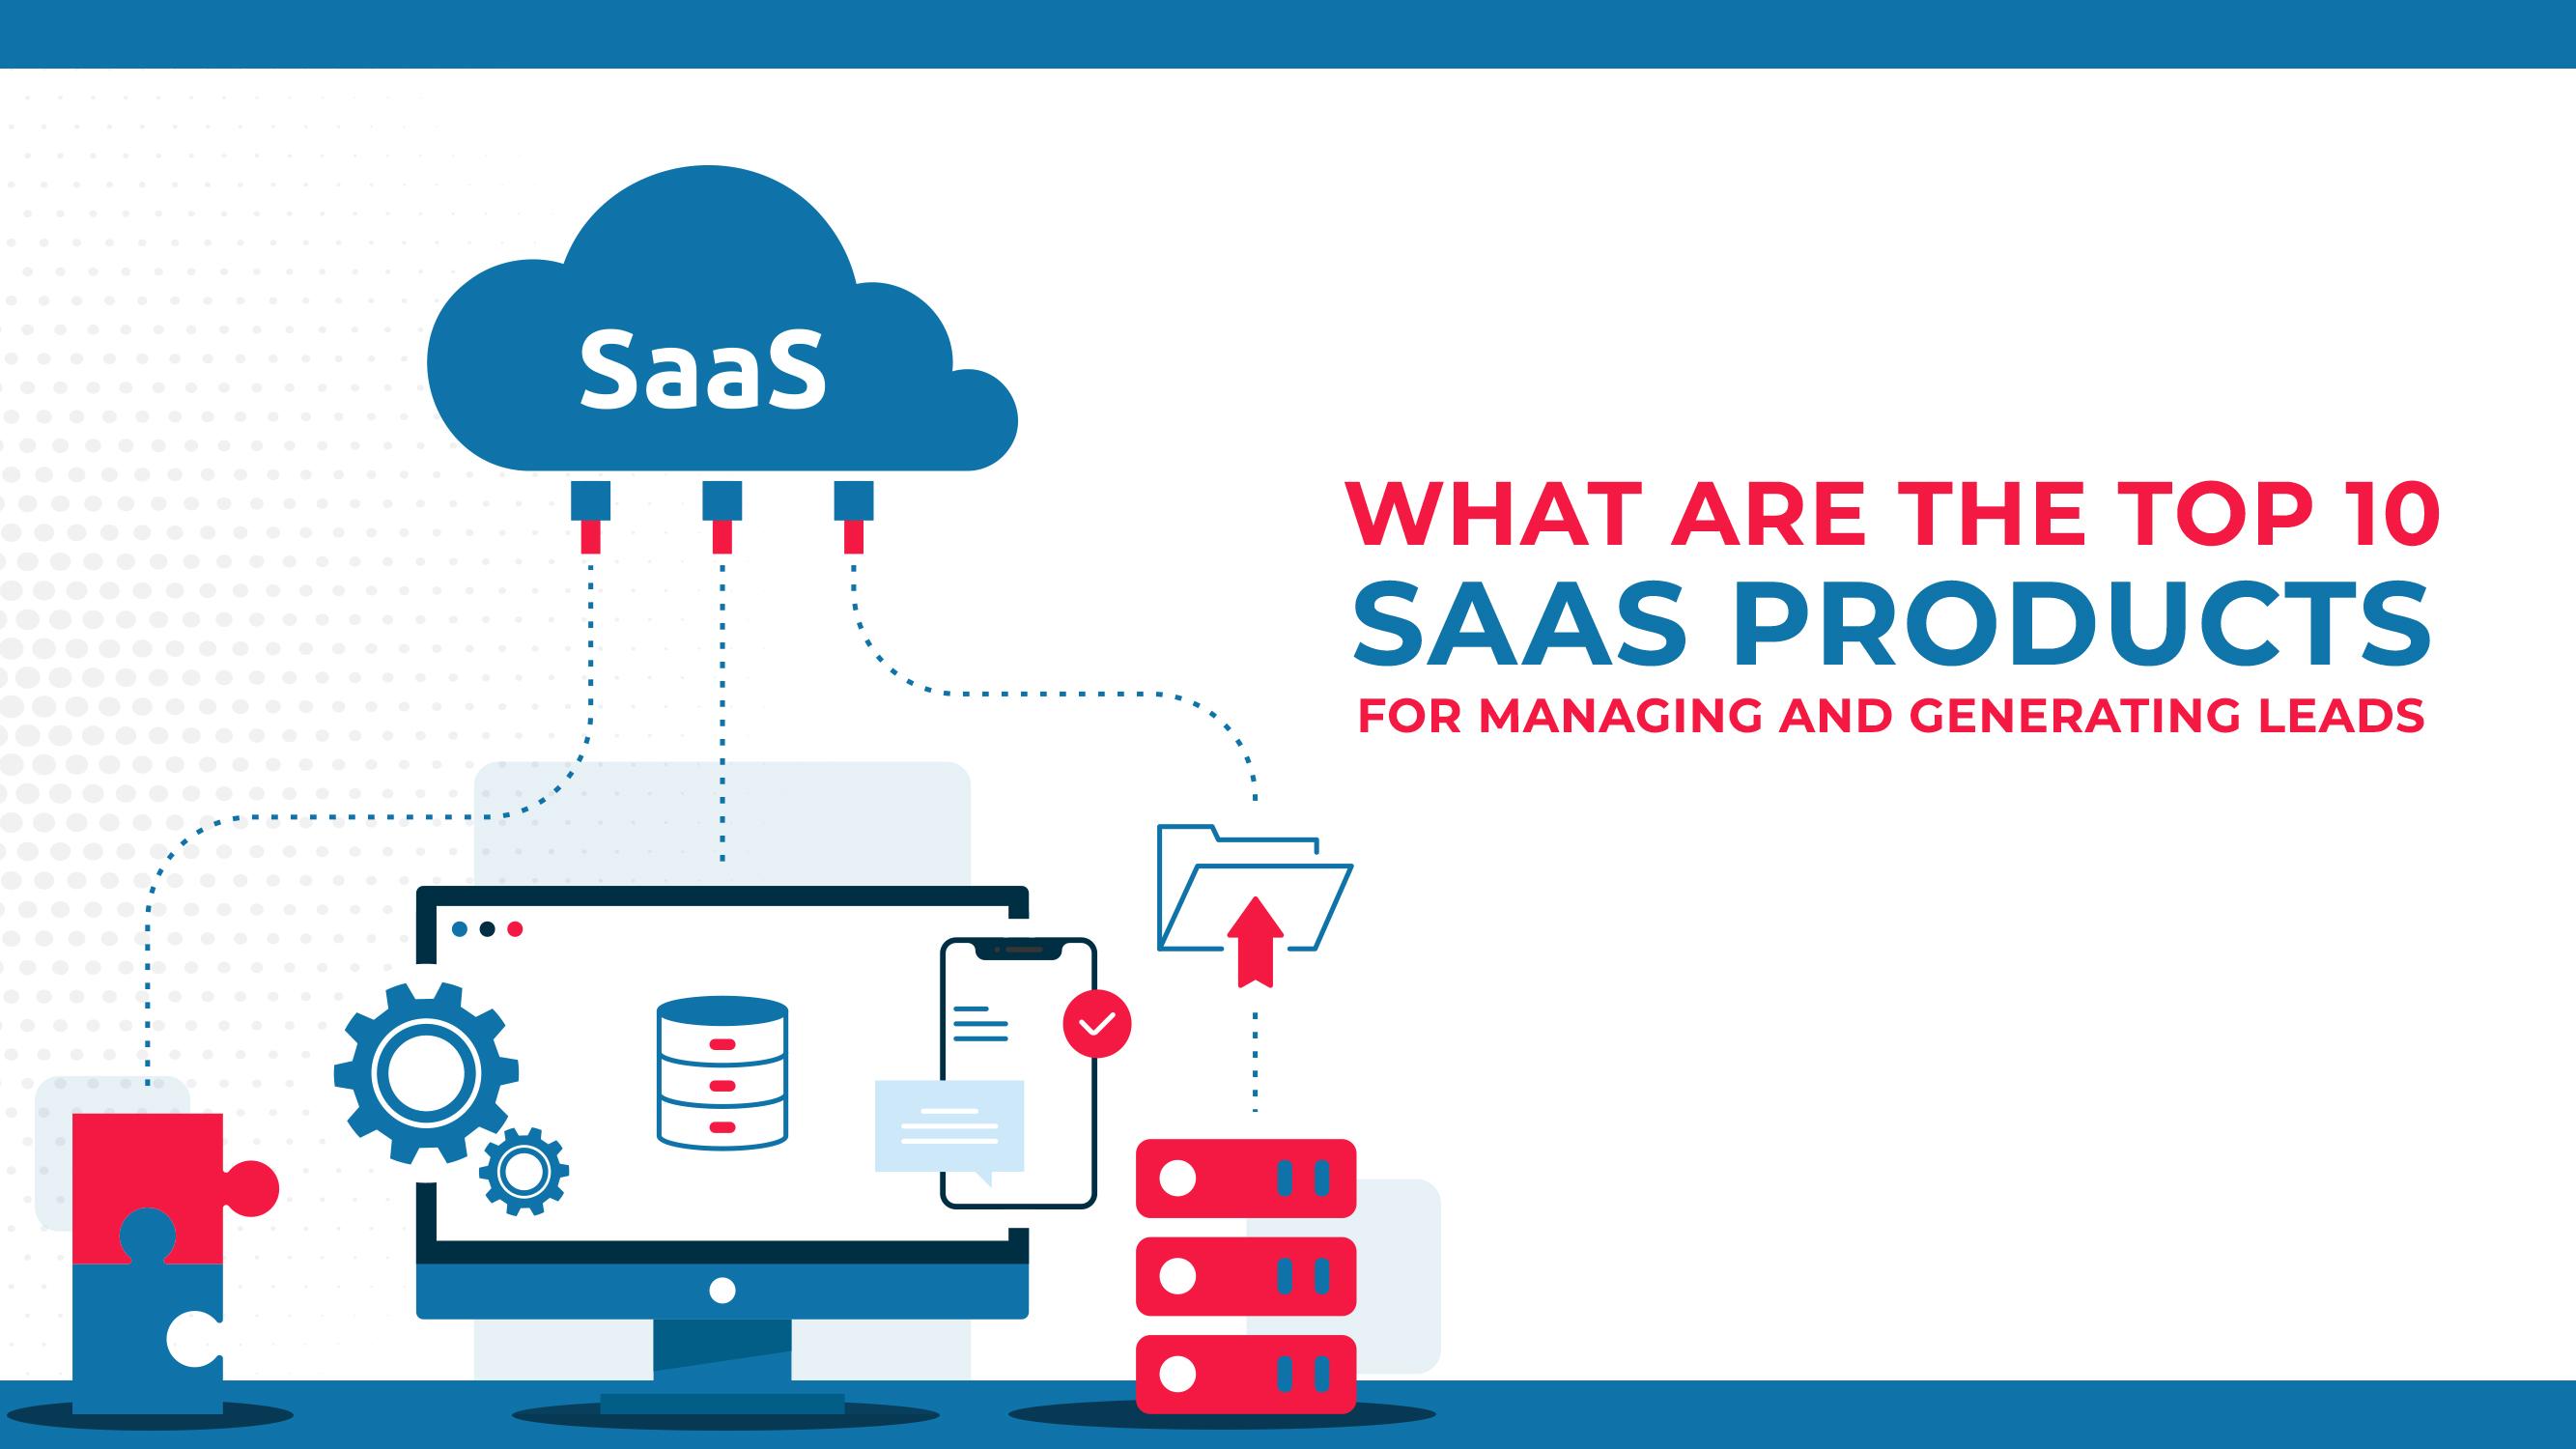 管理和生成信息的十大SAAS产品是什么?